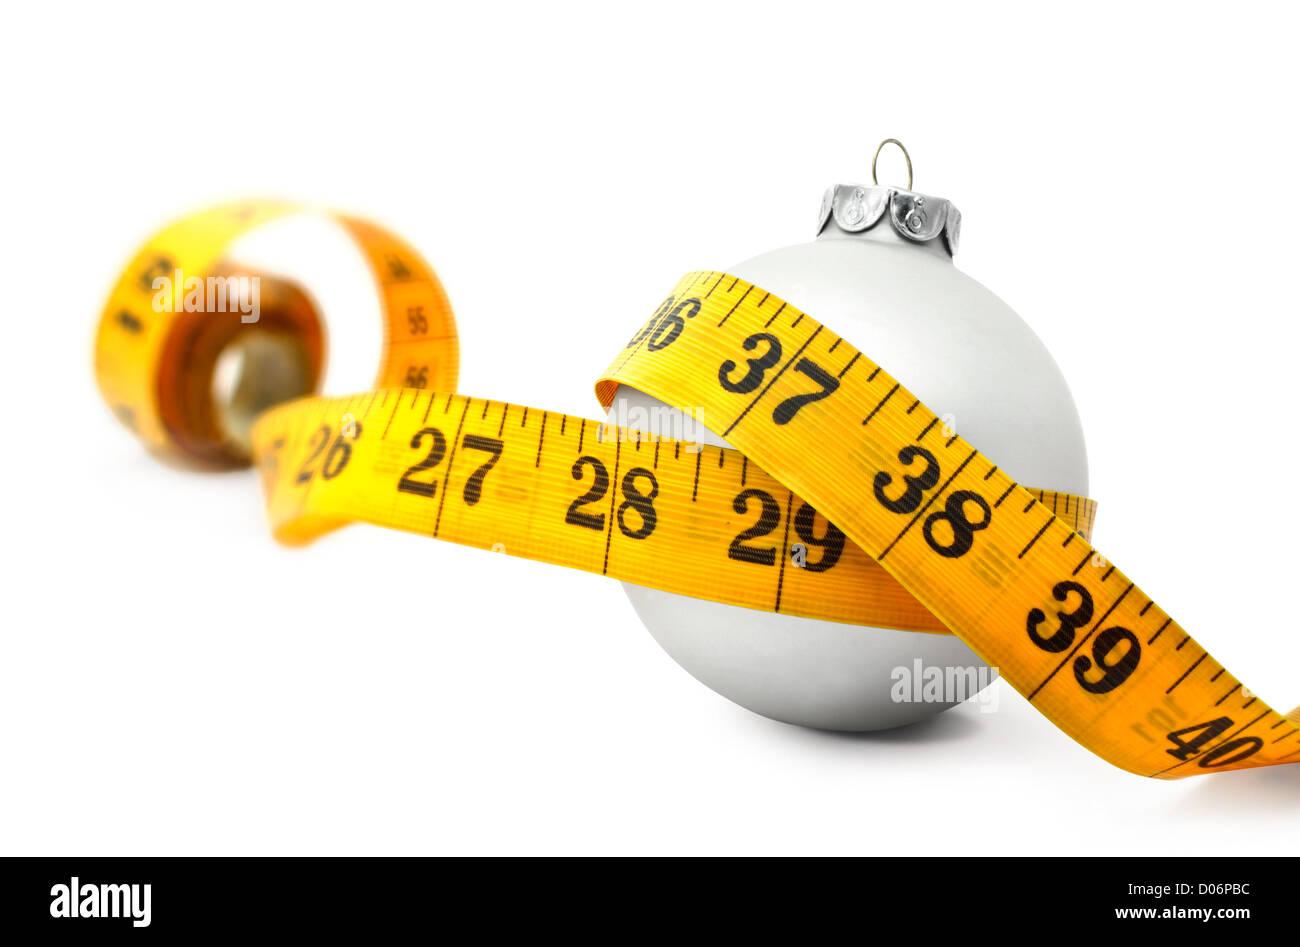 Ruban de mesure autour d'un concept babiole Noël symbolisant le gain de poids en mangeant trop de nourriture. Photo Stock